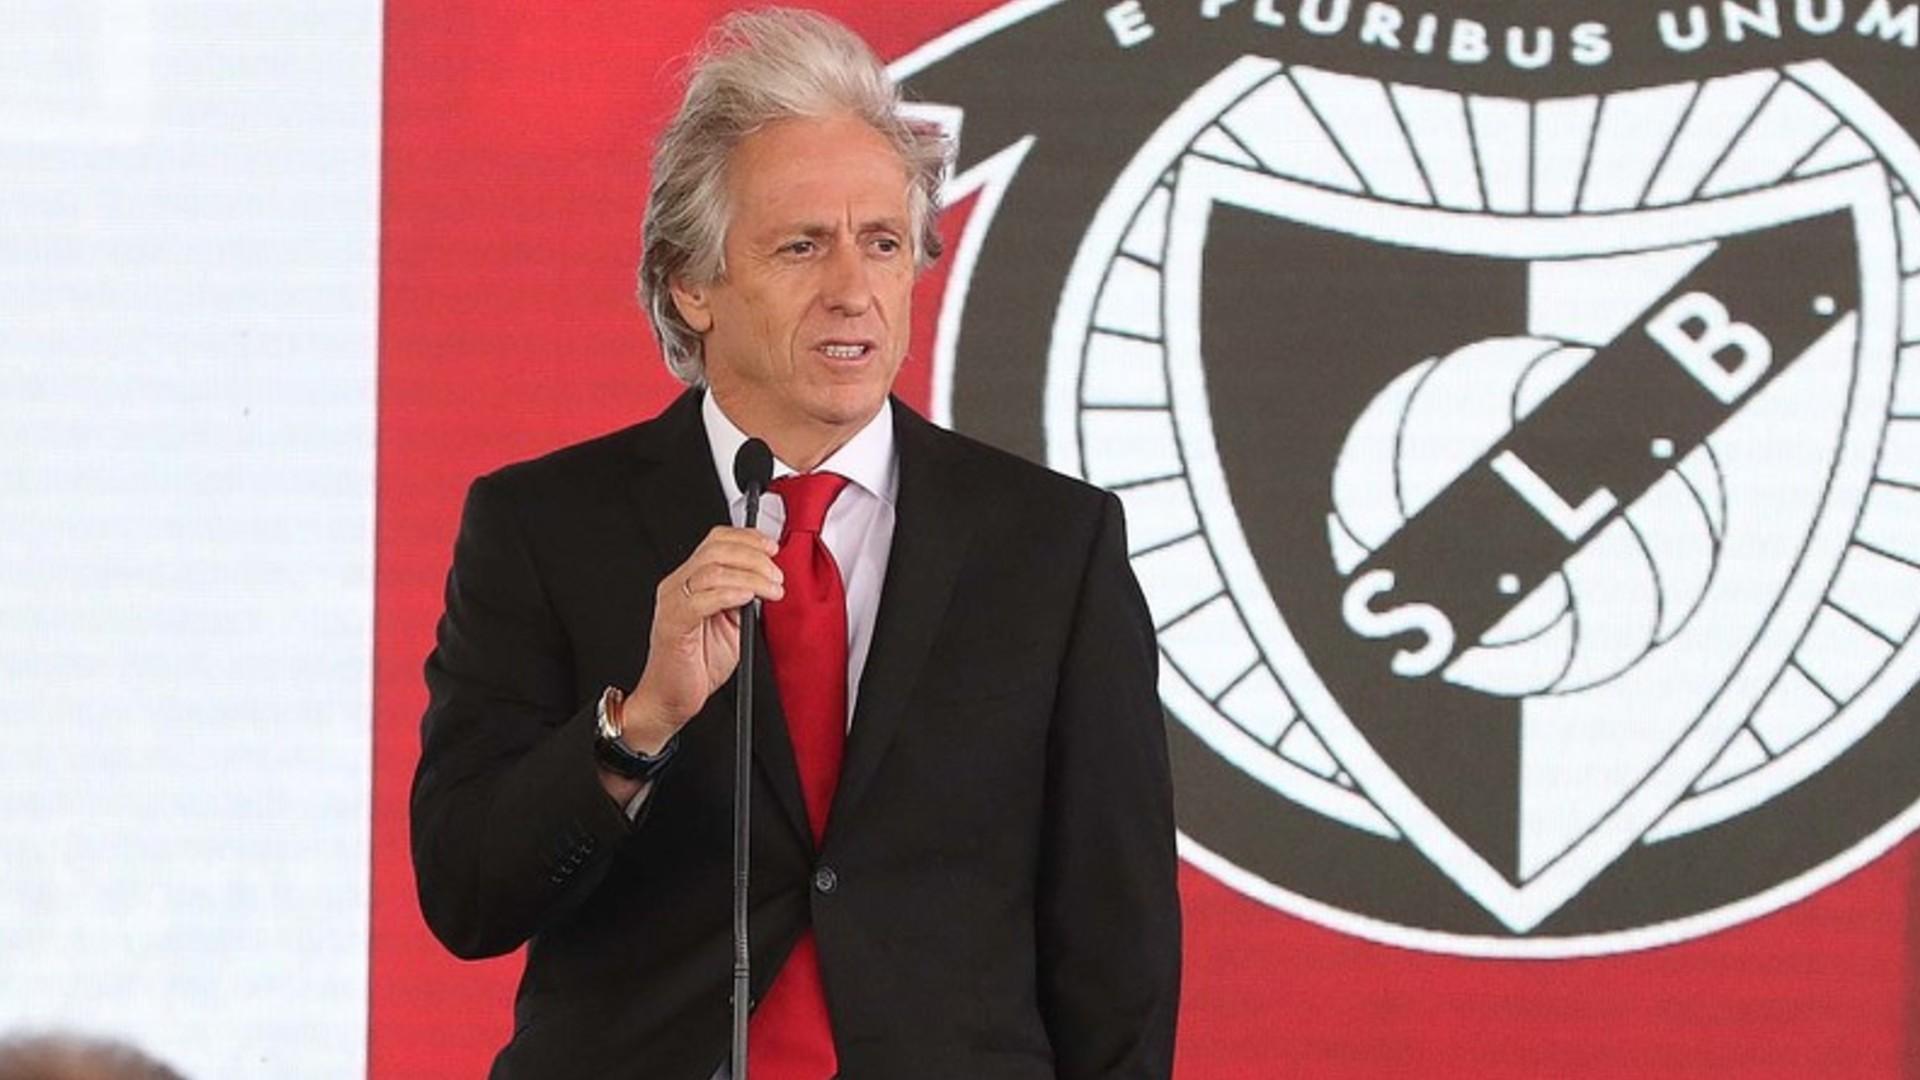 Benfica de Jorge Jesus sonha com a Champions League, mas sofre com maldição  histórica | Goal.com